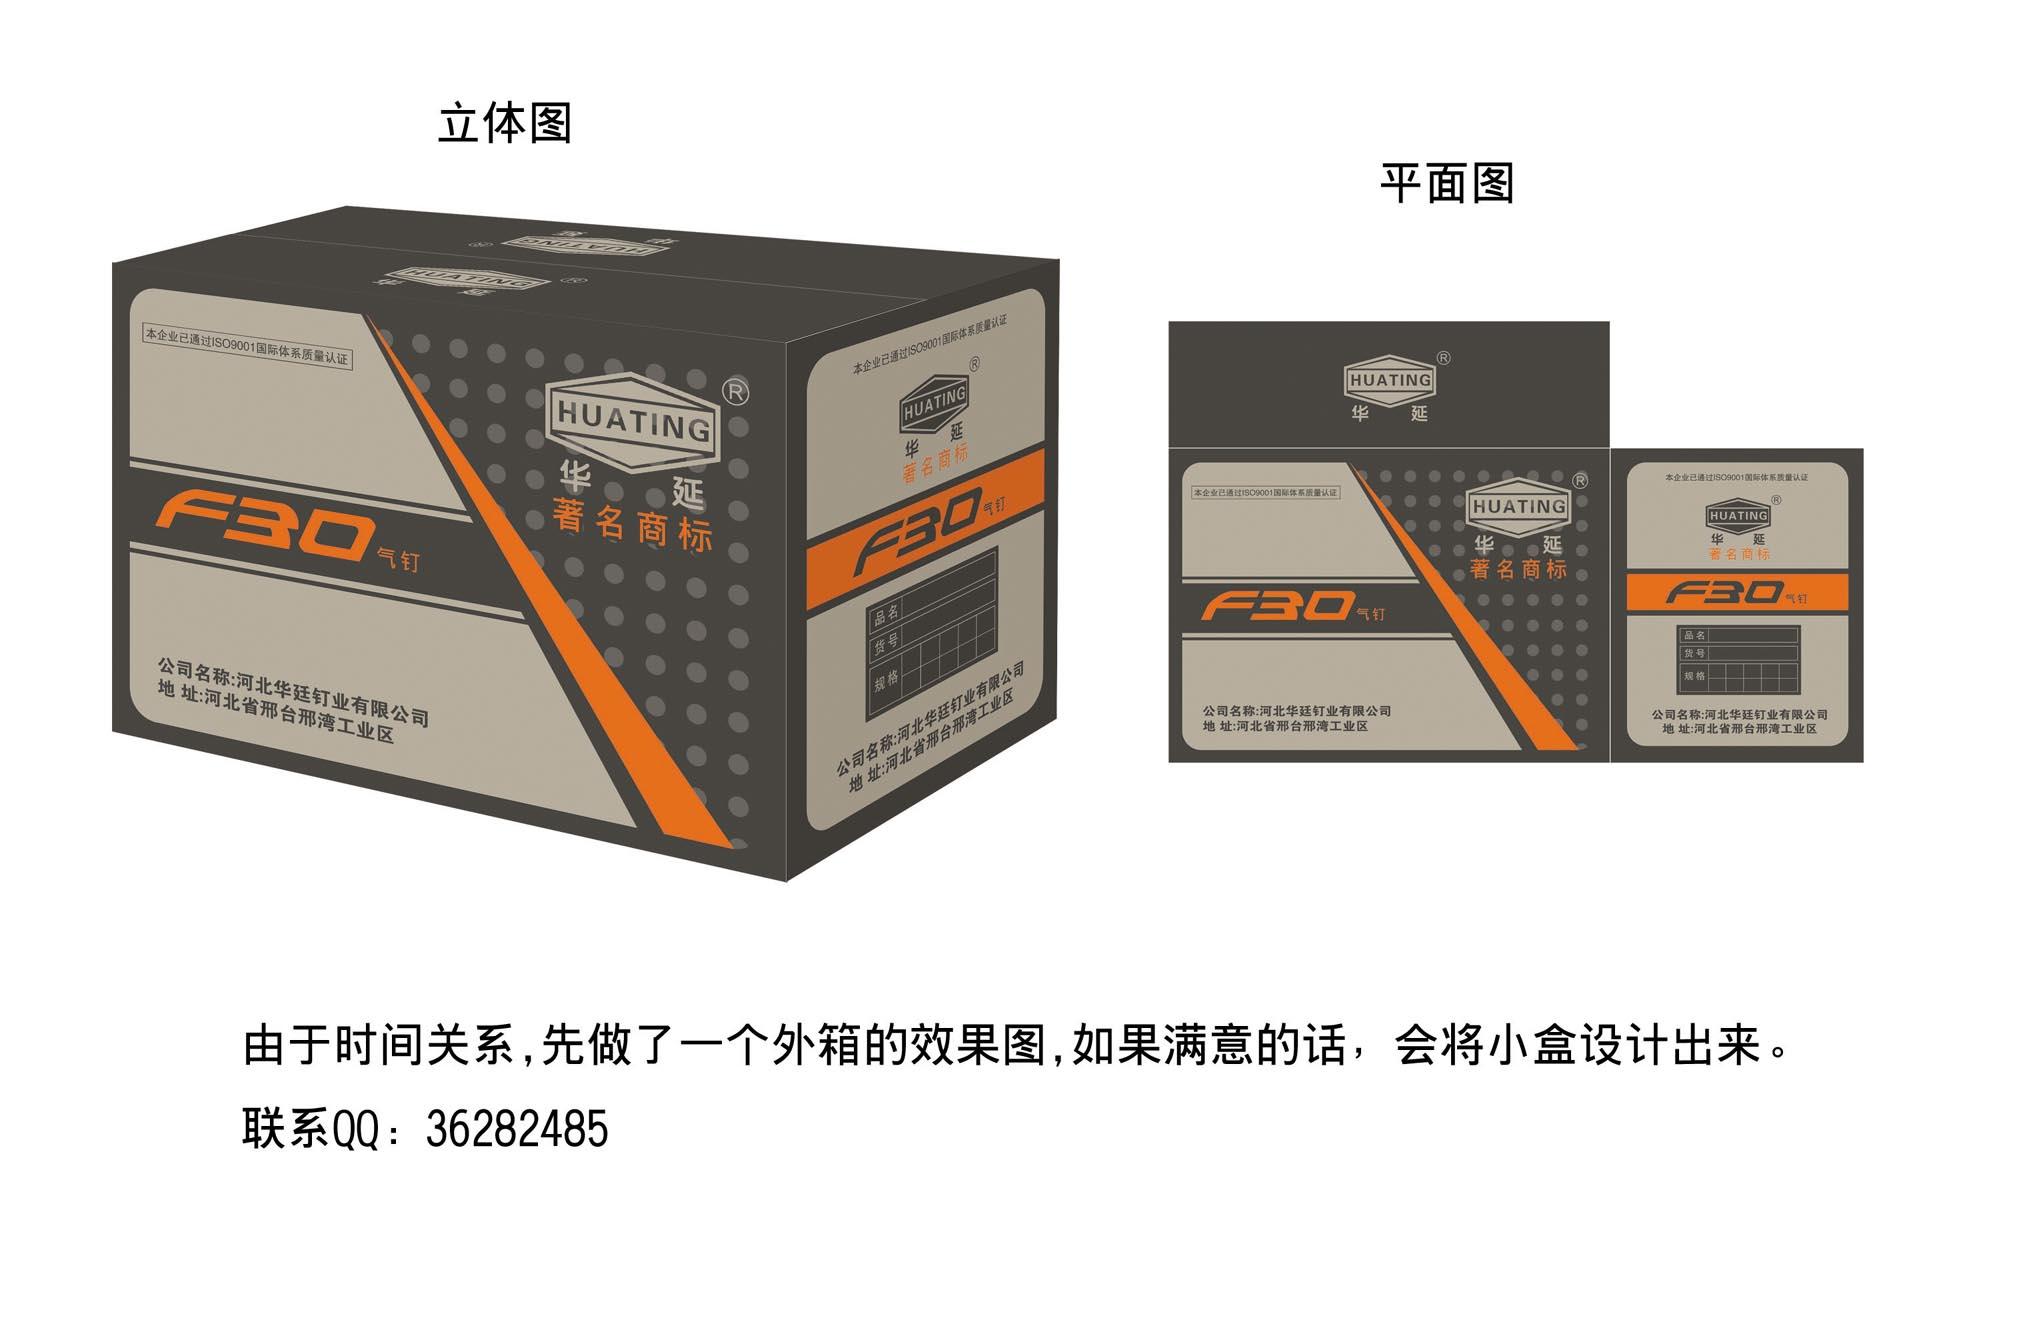 f钉外包装箱和内盒设计